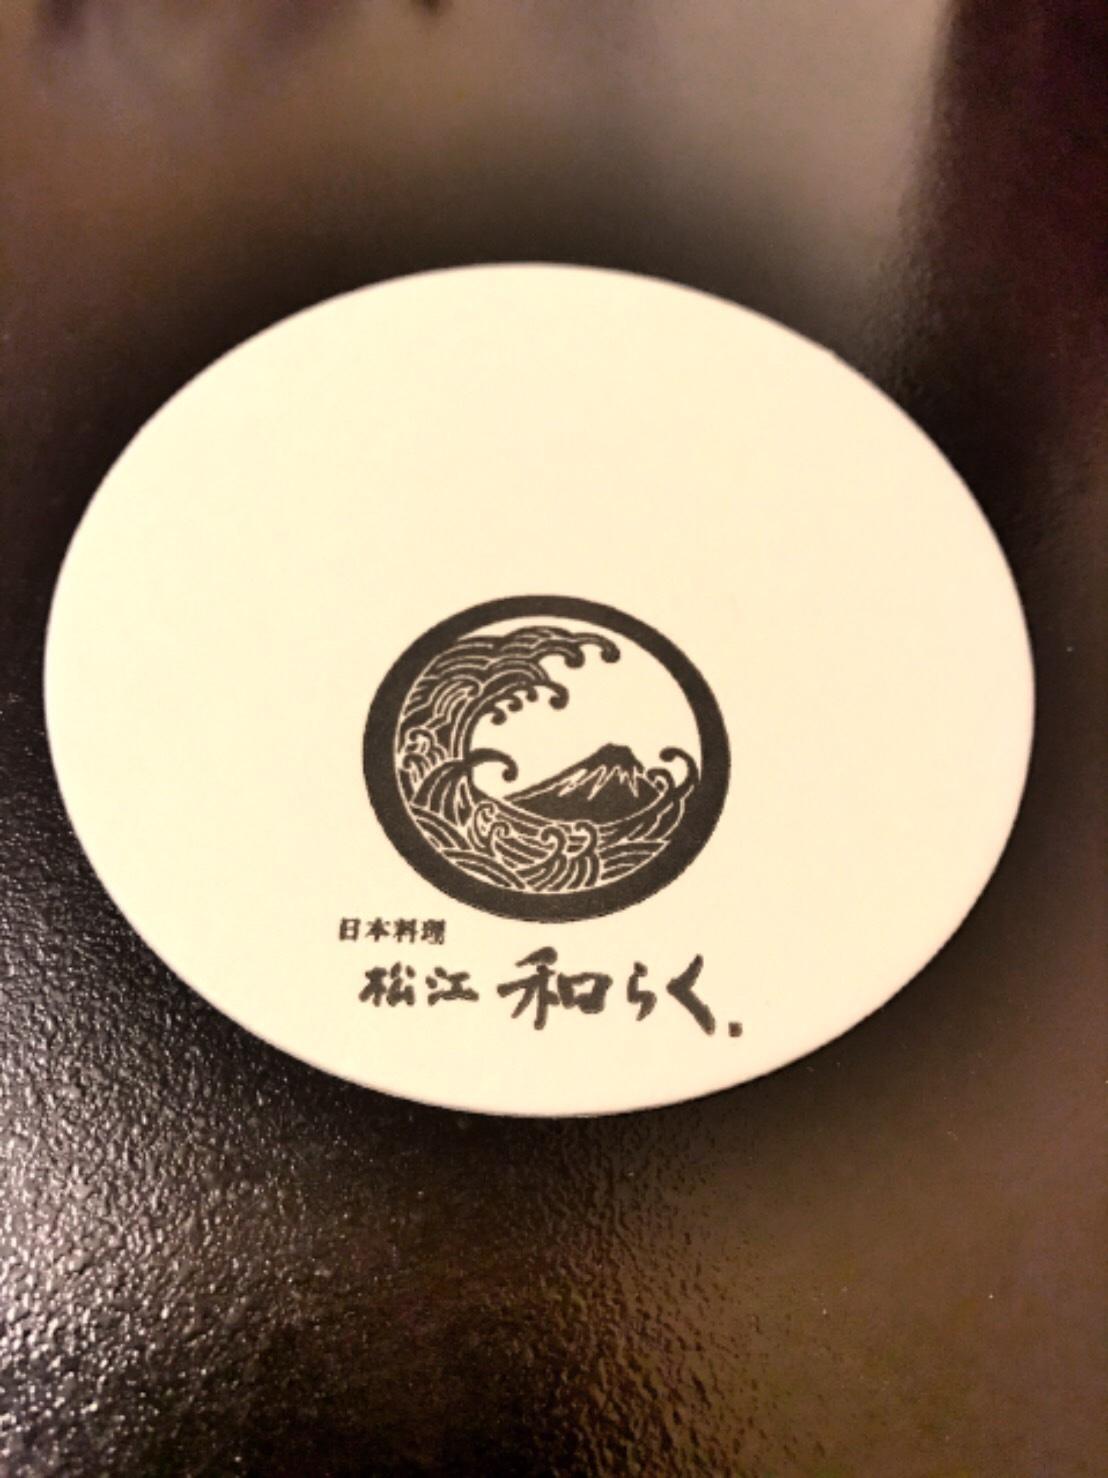 むすれぽ/島根(気まぐれプリンス担当)